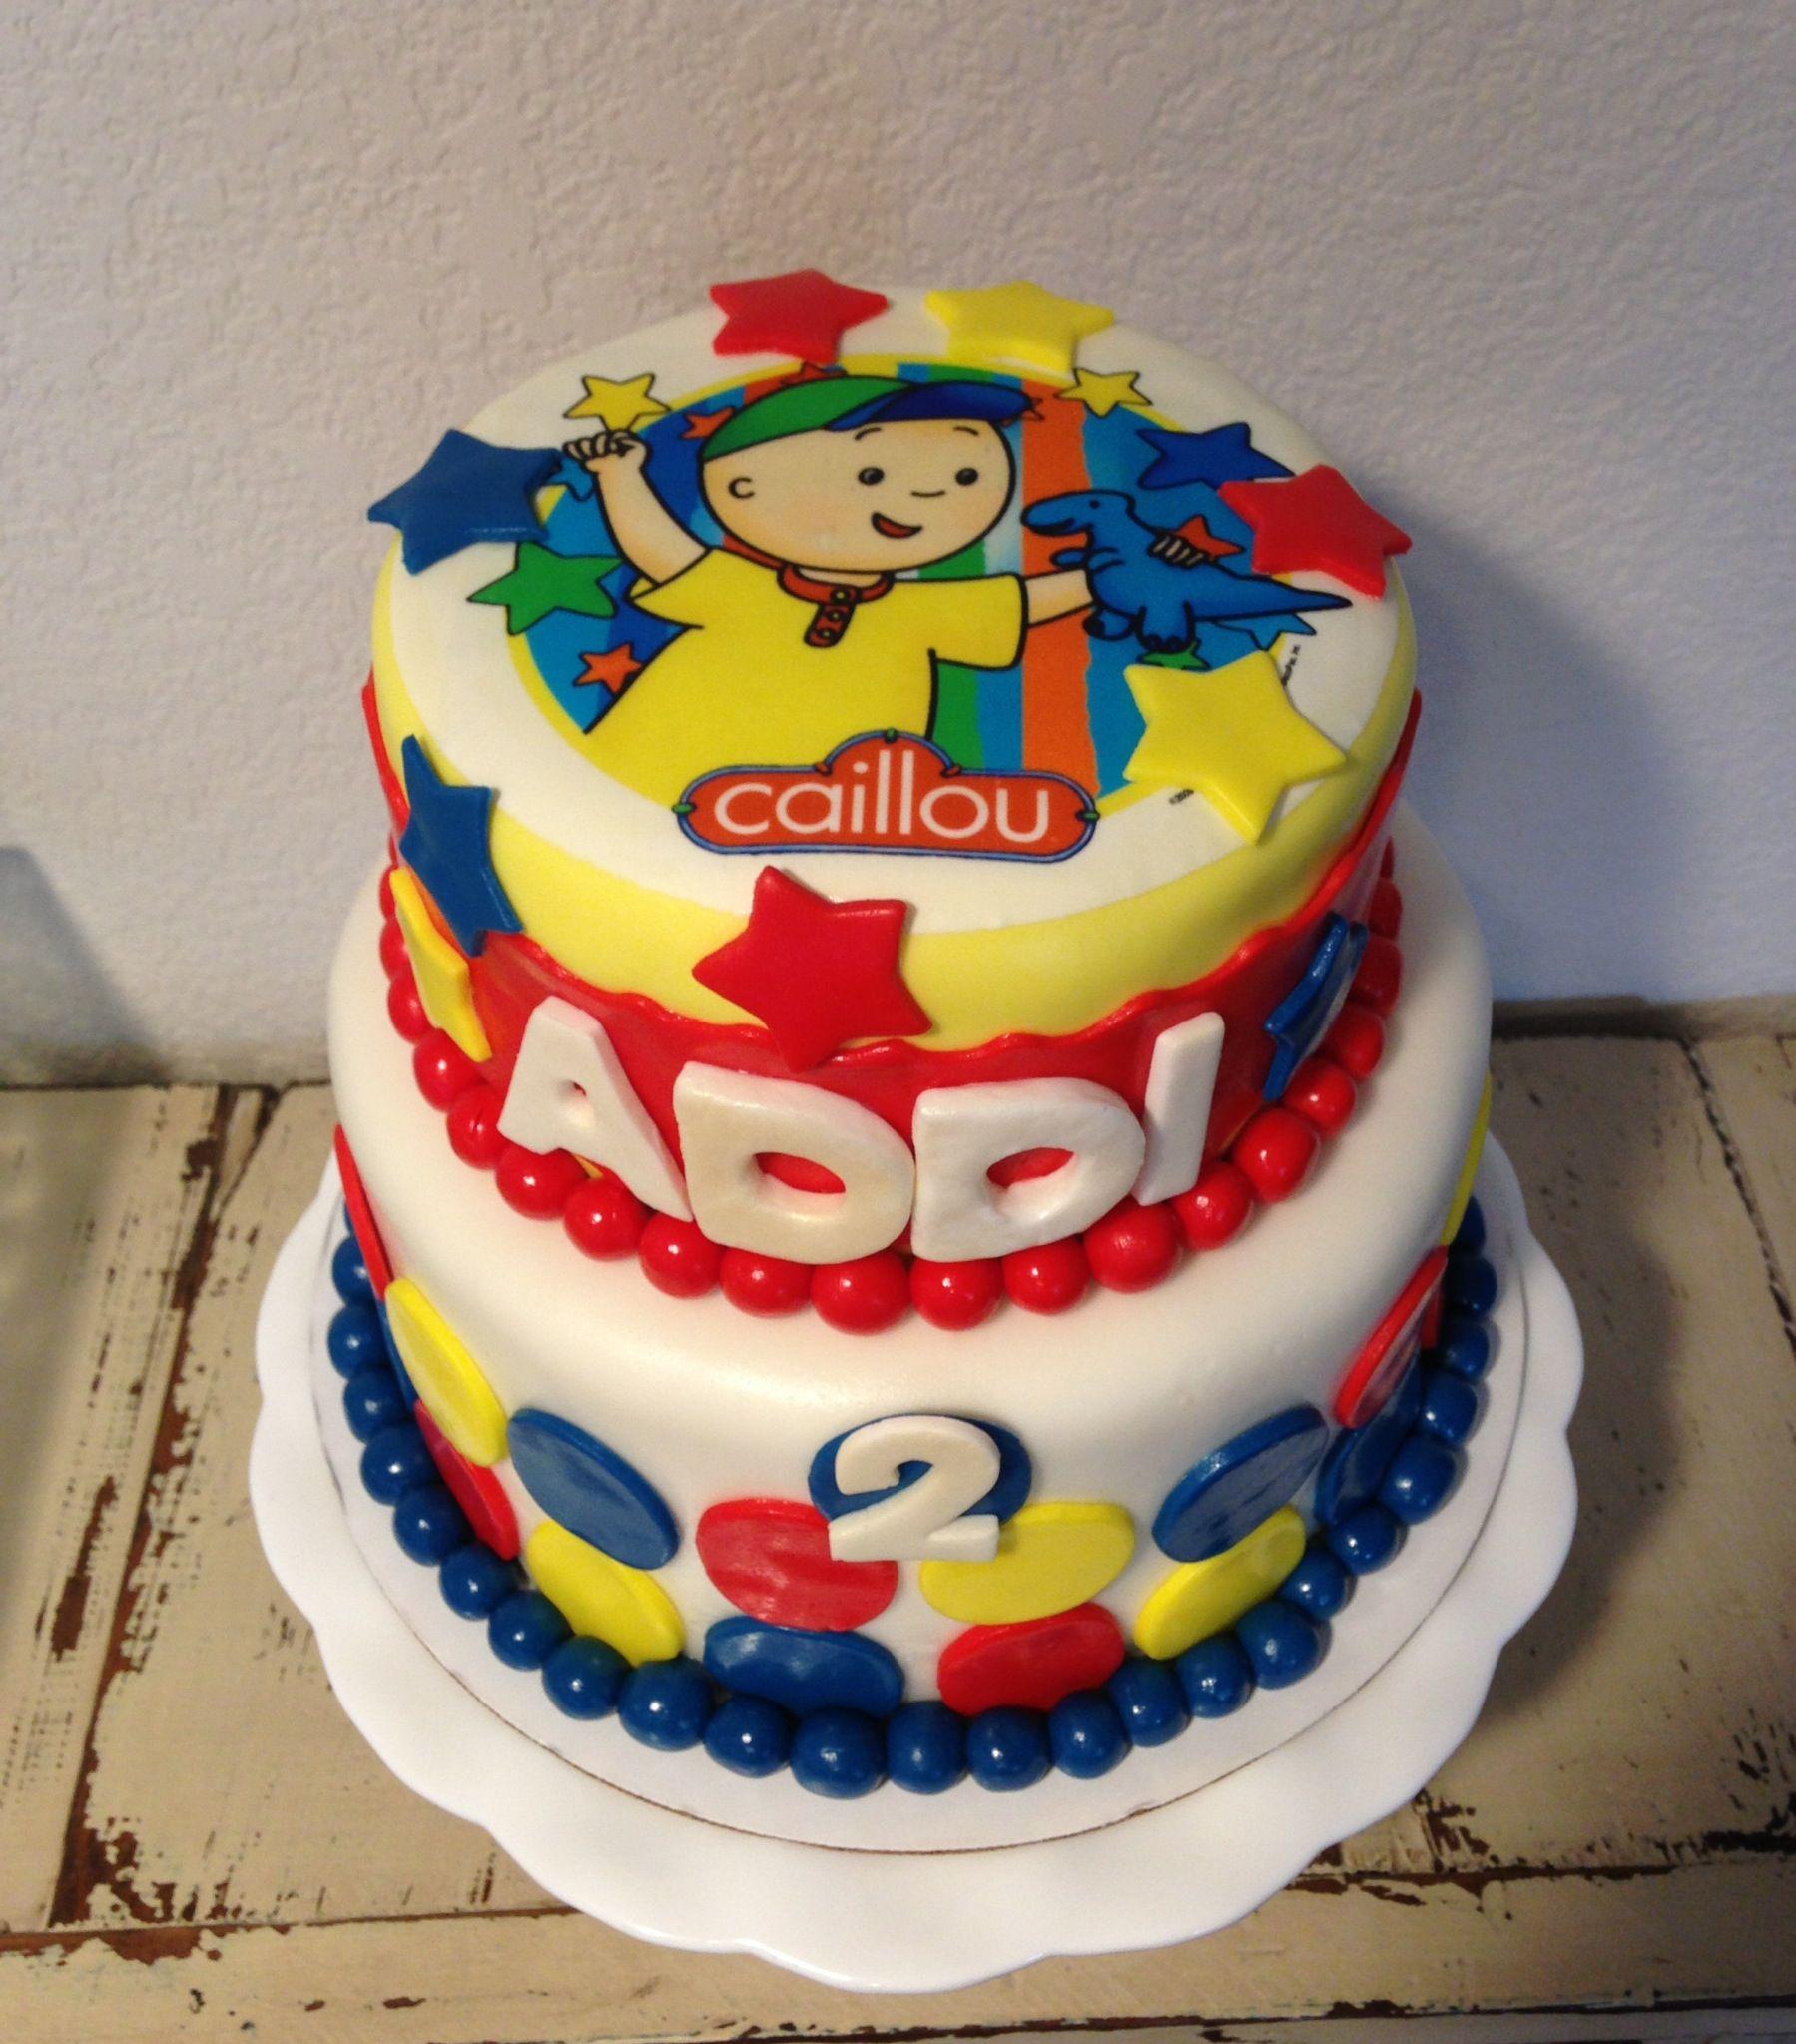 Caillou Birthday Cake KJ Takes The Cake Pinterest Caillou